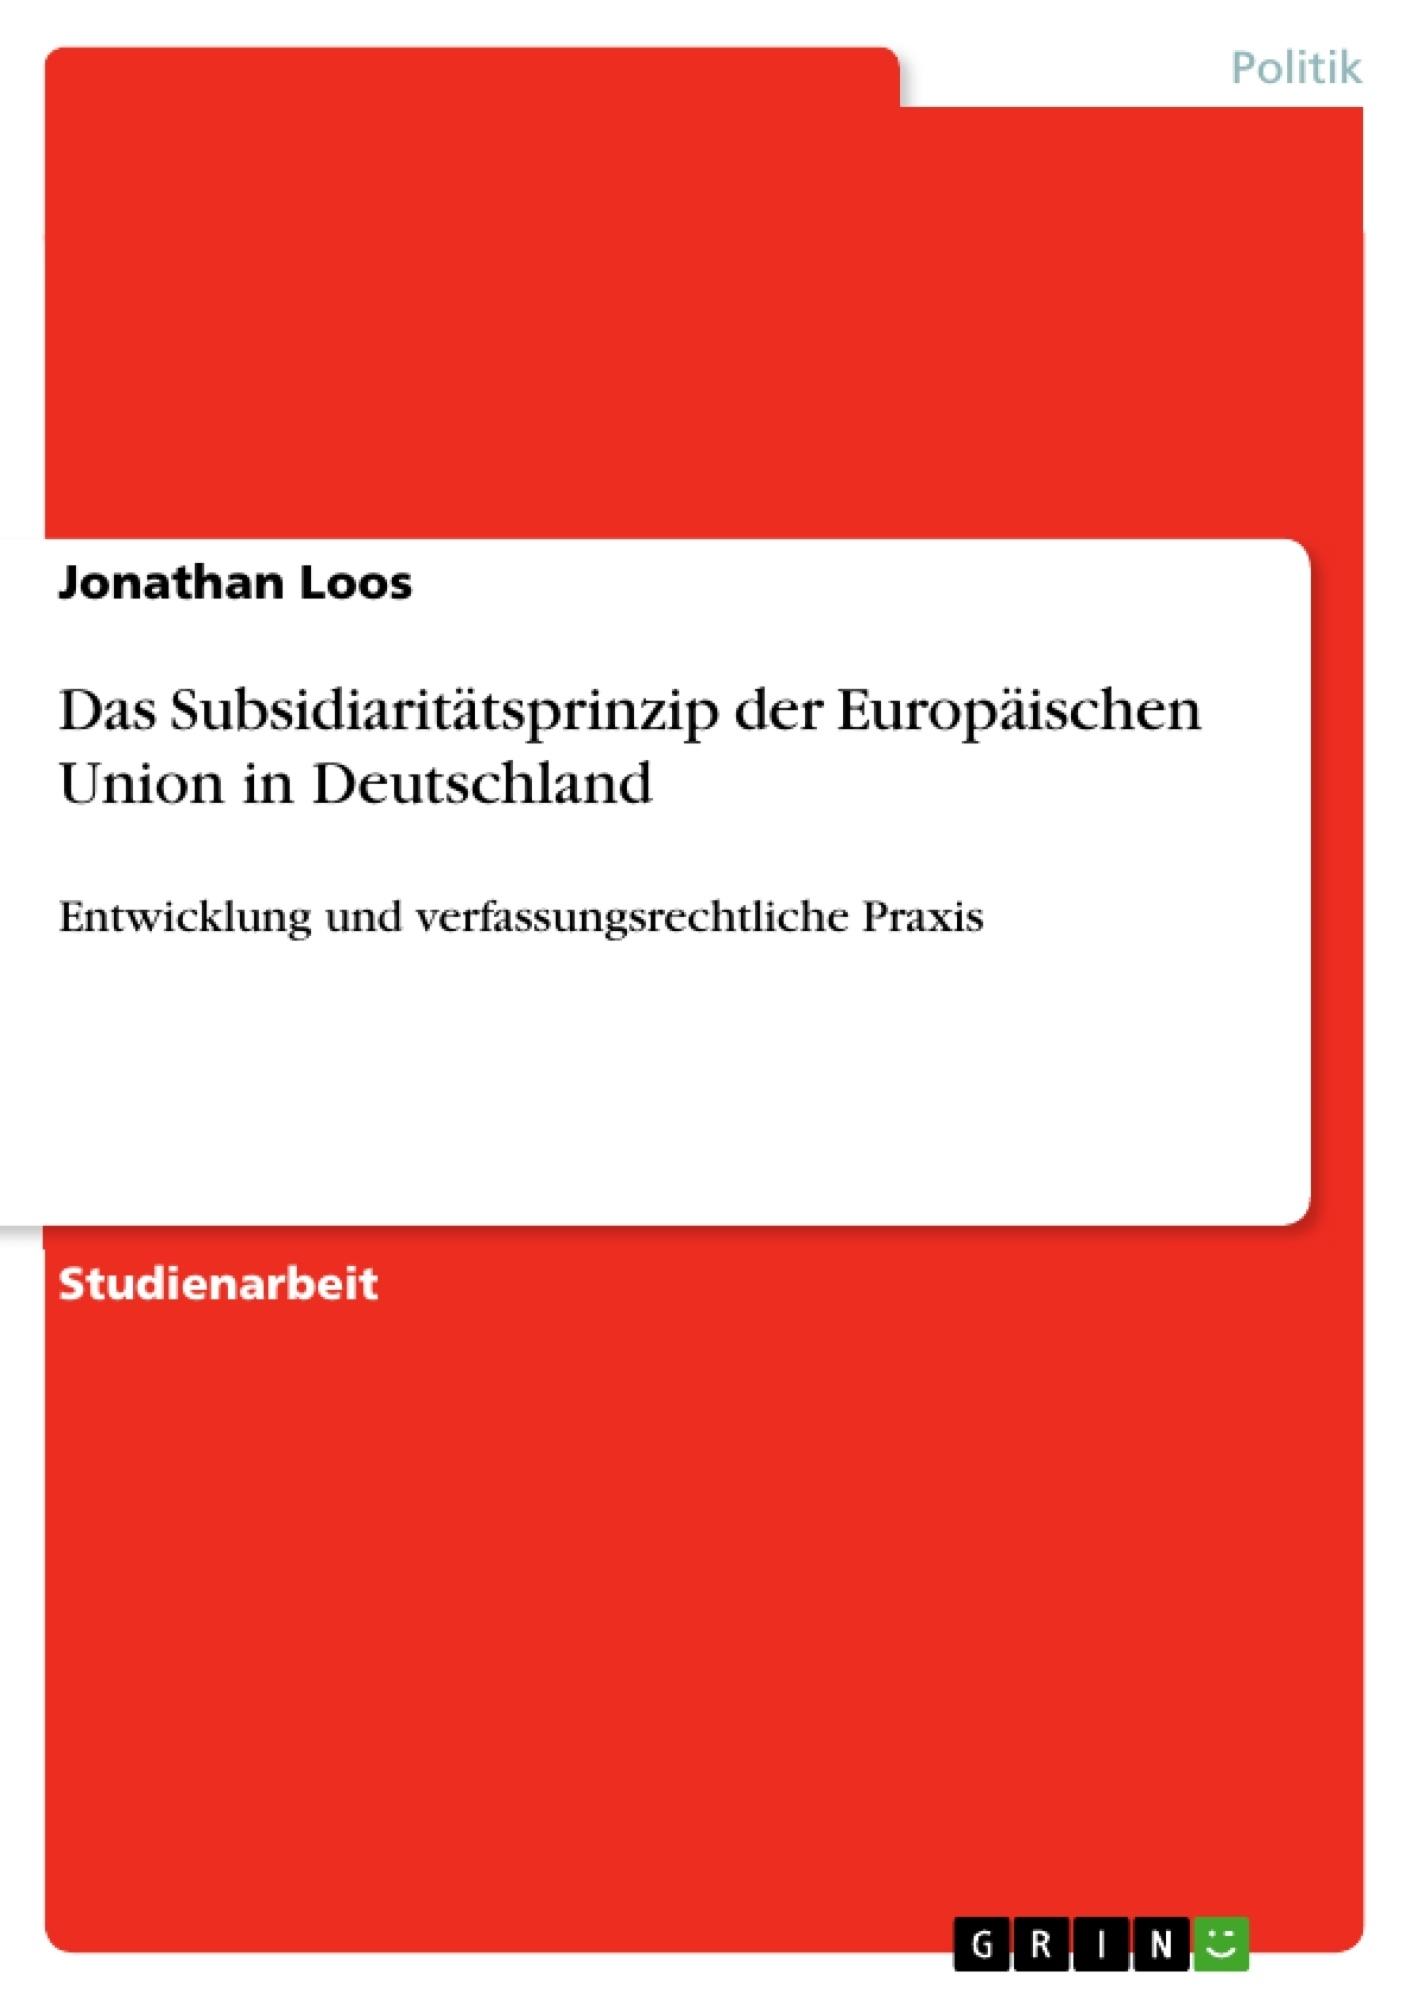 Titel: Das Subsidiaritätsprinzip der Europäischen Union in Deutschland